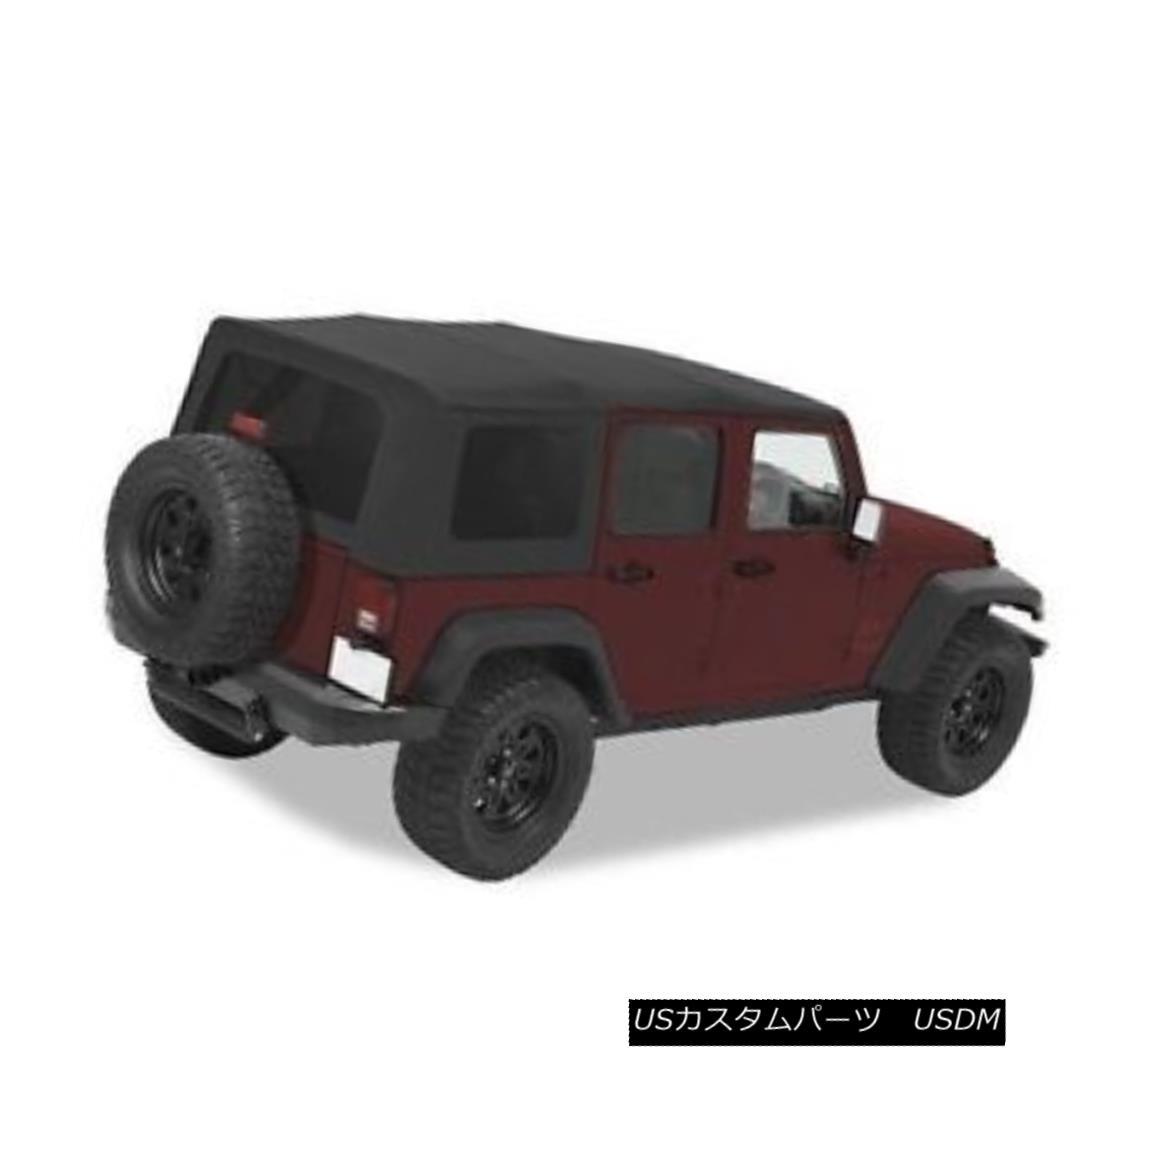 幌・ソフトトップ Bestop Sailcloth Replace A Top 07-09 Jeep Wrangler Unlimited Tint Black Diamond Bestop Sailclothトップを交換する07-09ジープラングラー無制限ティントブラックダイヤモンド